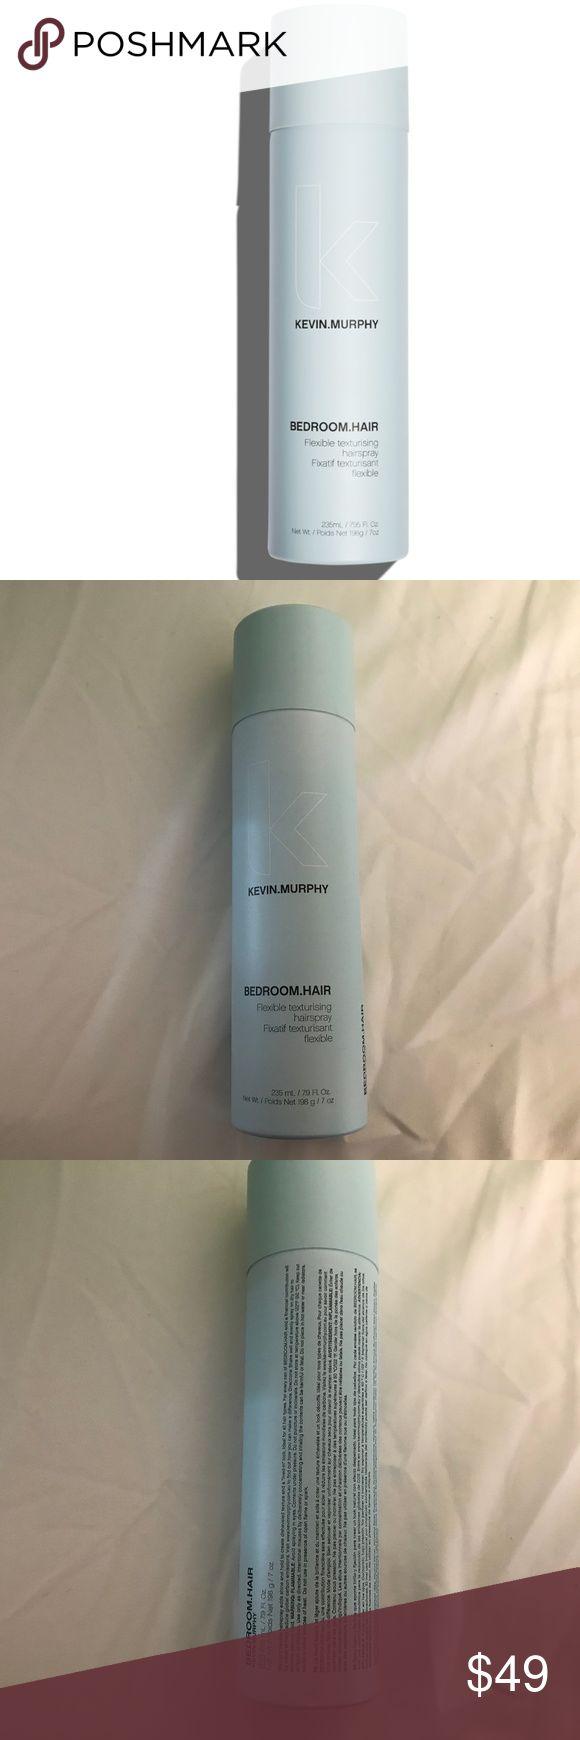 Kevin Murphy Bedroom Hair Spray Hairspray Texture NWT in ...